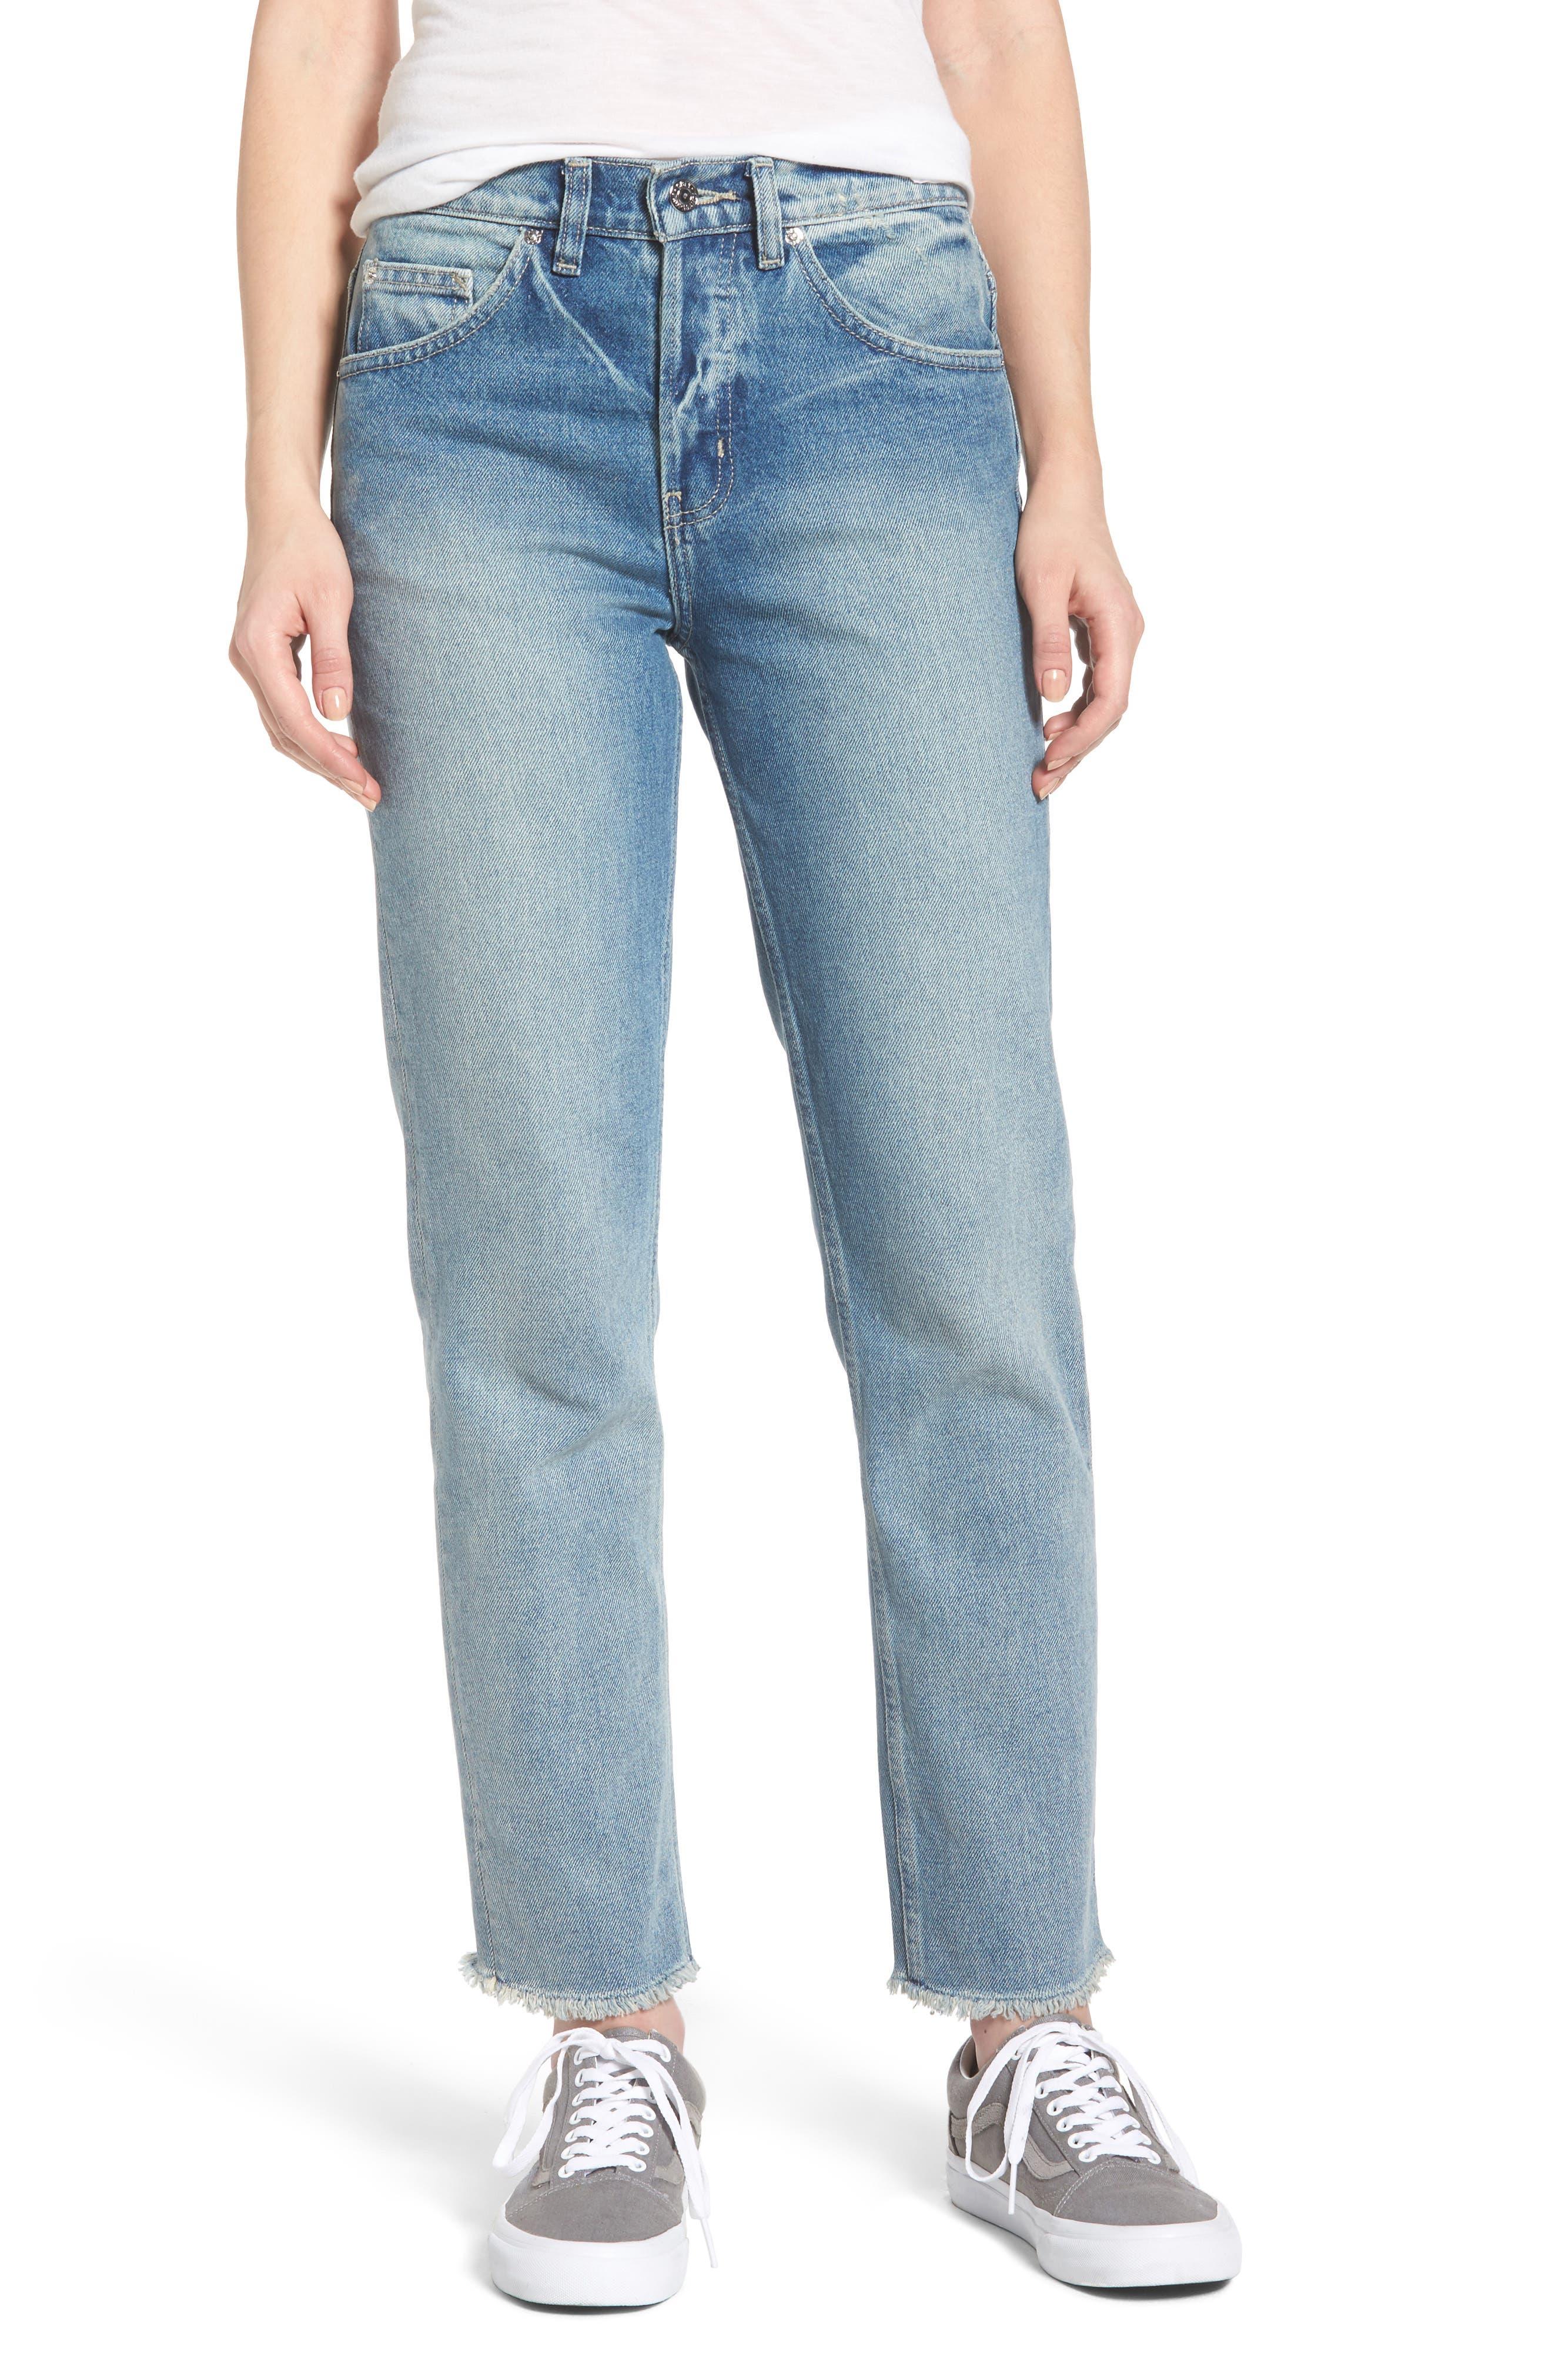 Sundays Straggler High Waist Jeans,                         Main,                         color, 400